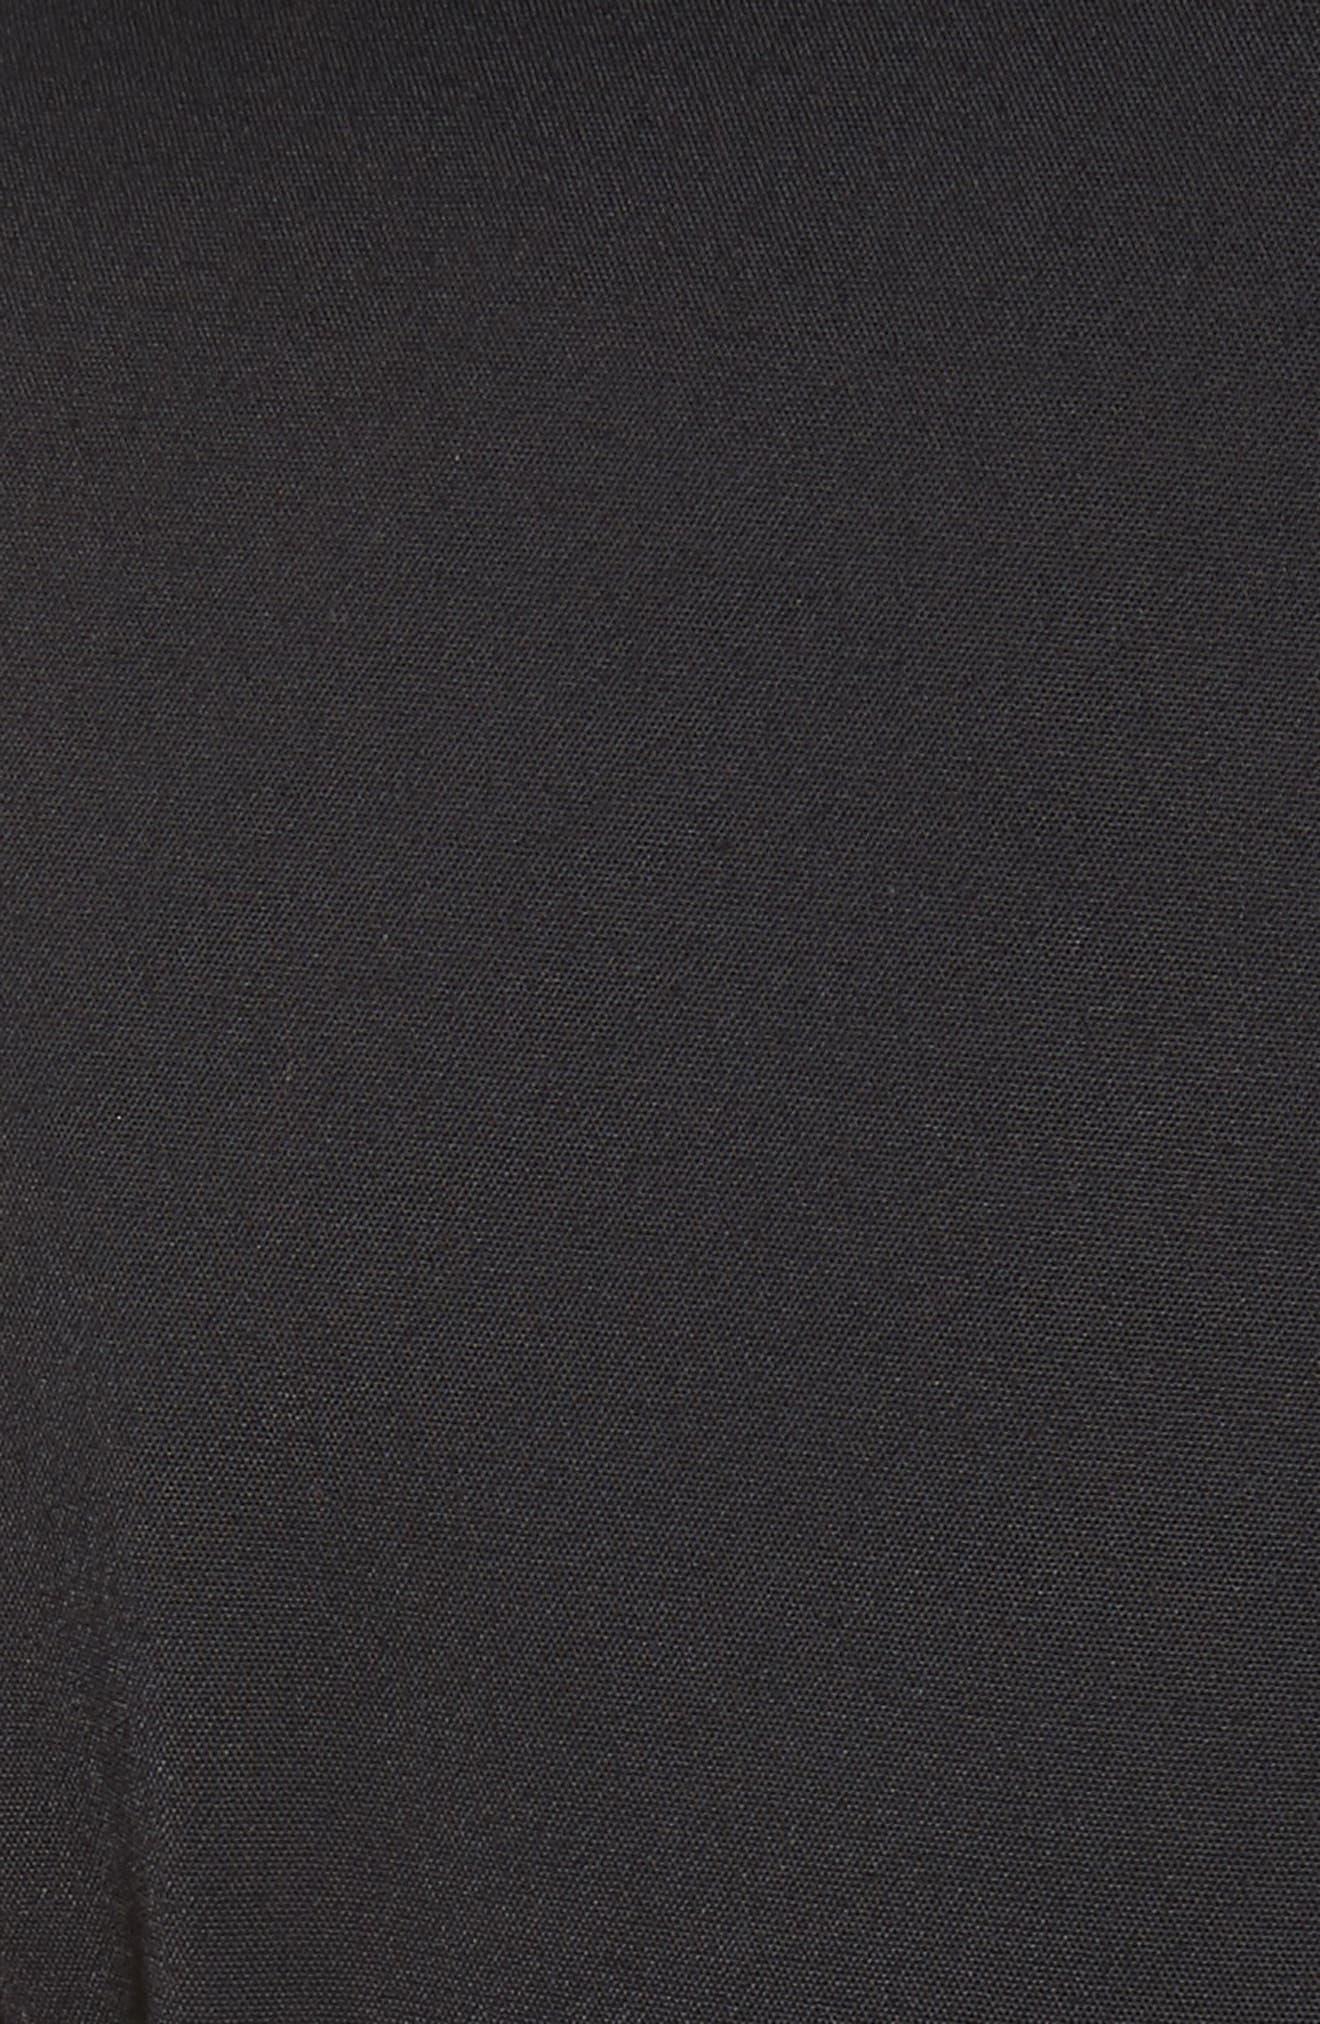 Side Cutout Jumpsuit,                             Alternate thumbnail 5, color,                             Black